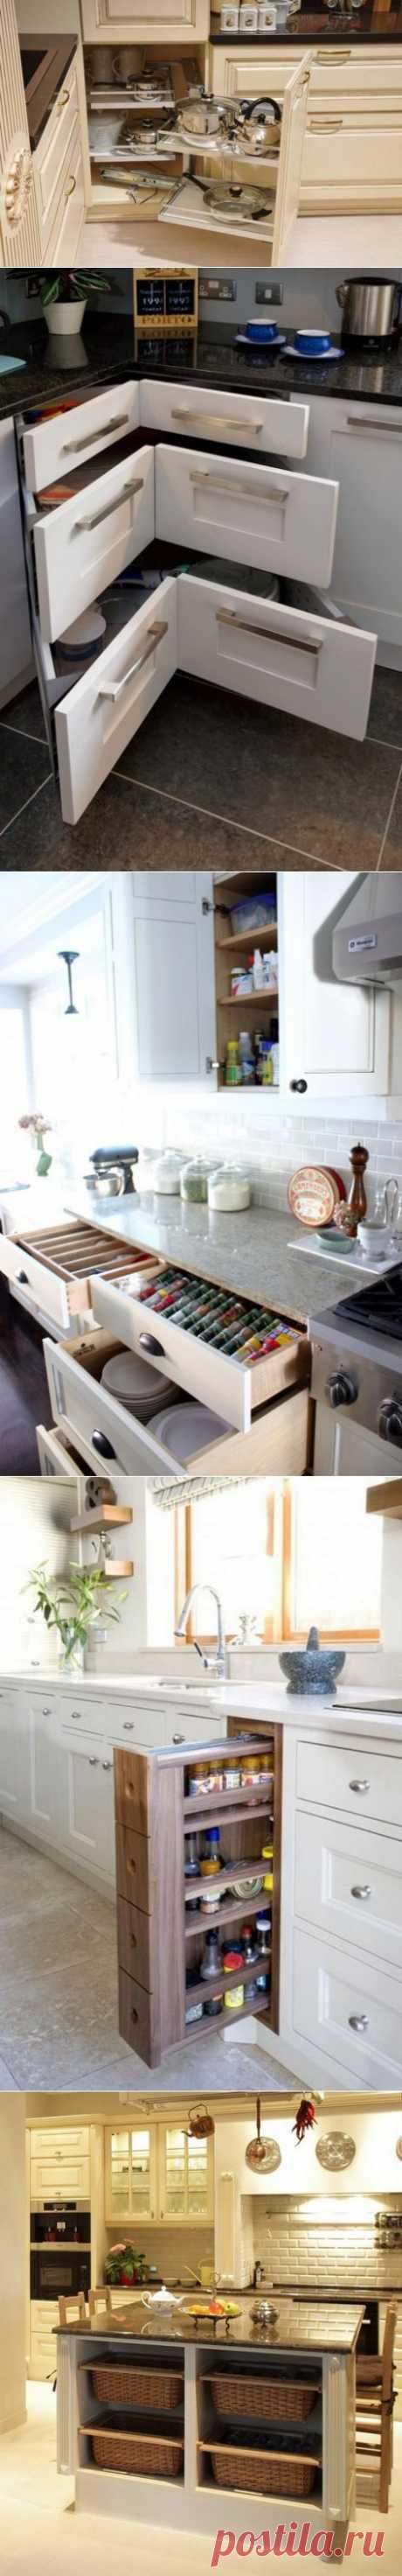 Выдвижные системы хранения для кухни | Школа Ремонта